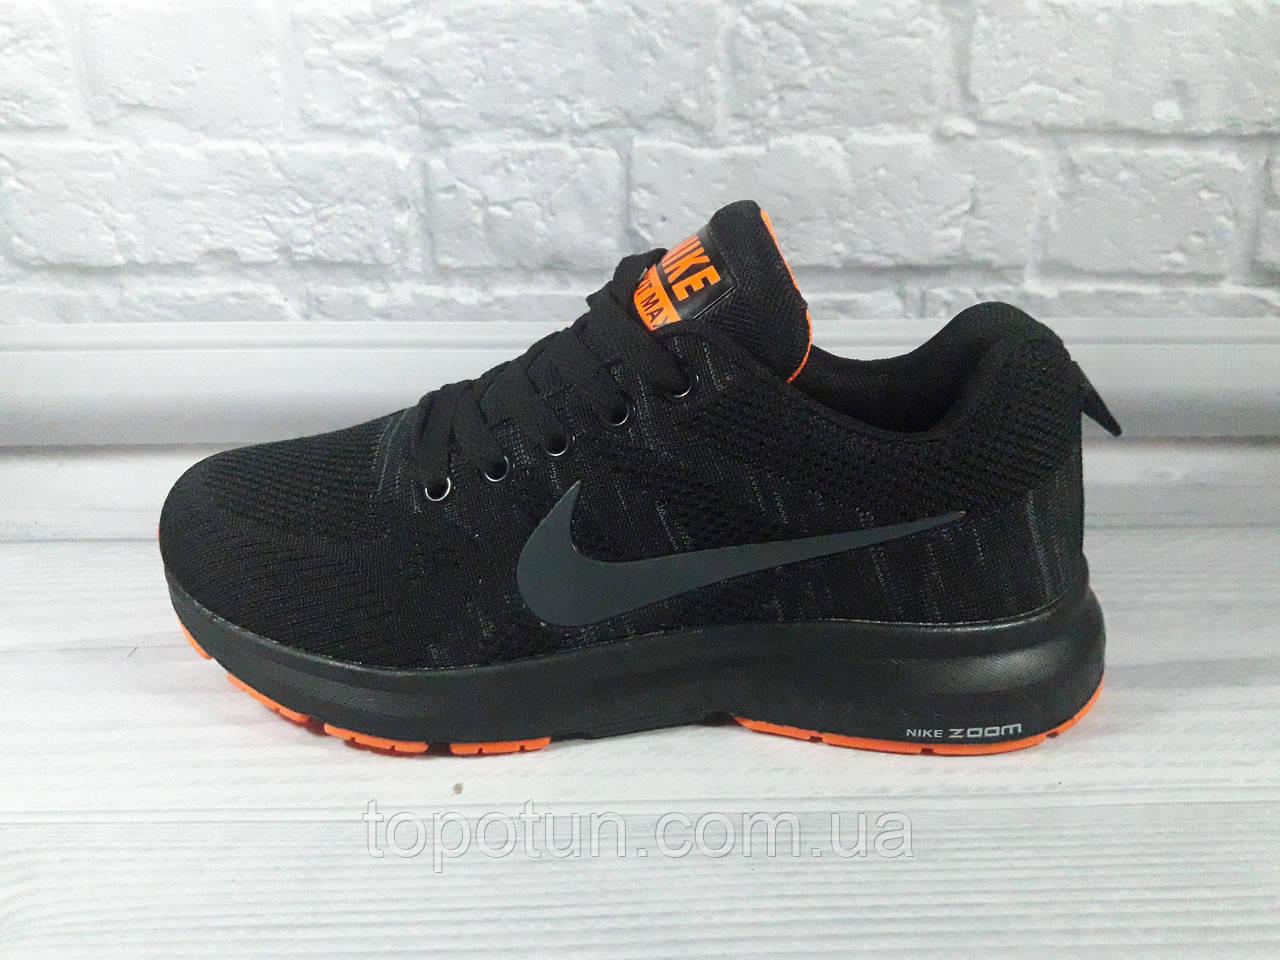 """Детские кроссовки для мальчика """"Nike"""" Размер: 36,37,38,39,40,41"""